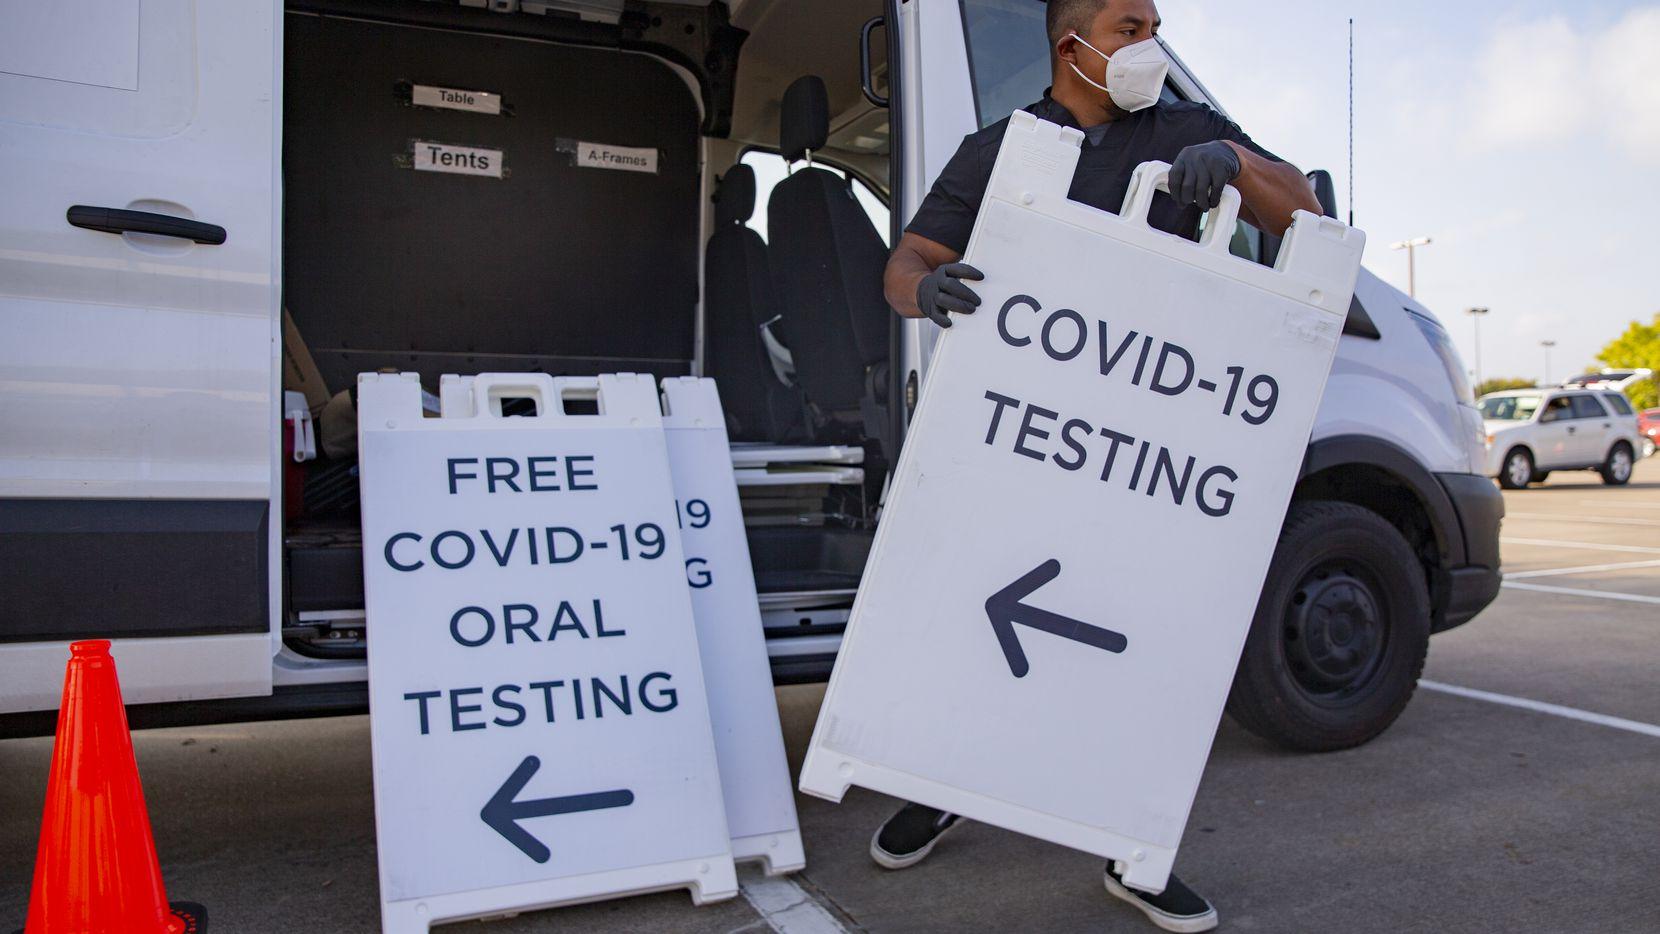 La prueba de covid-19 esta disponible a largo del condado de Dallas en diferentes ubicaciones. Aún existen sitios que ofrecen los tests sin ningún costo.